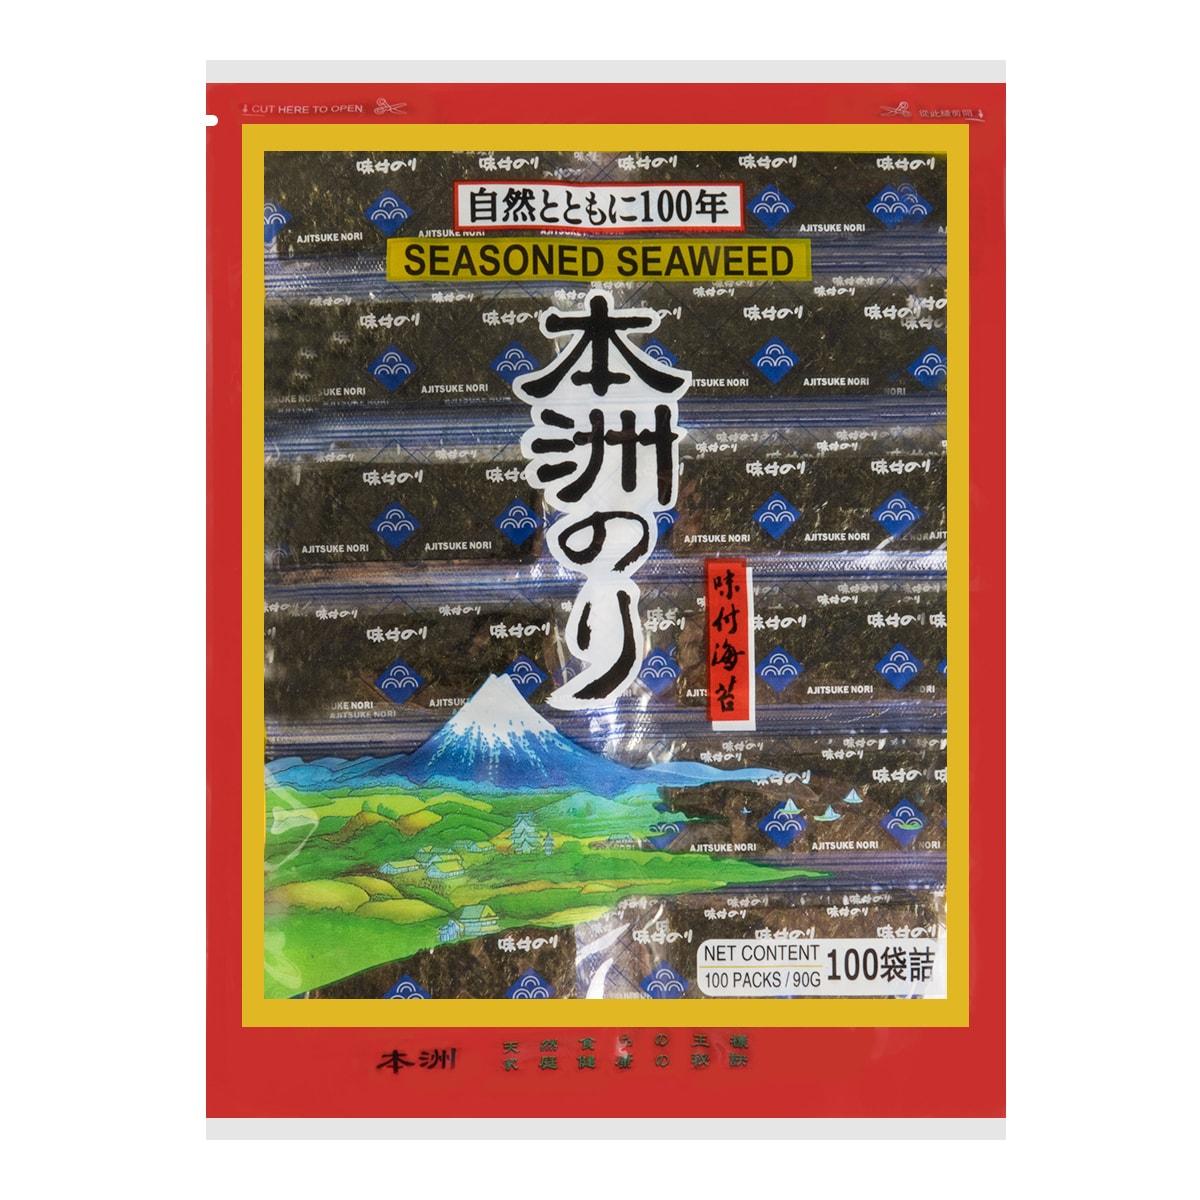 日本本洲 味付海苔 原味 90g